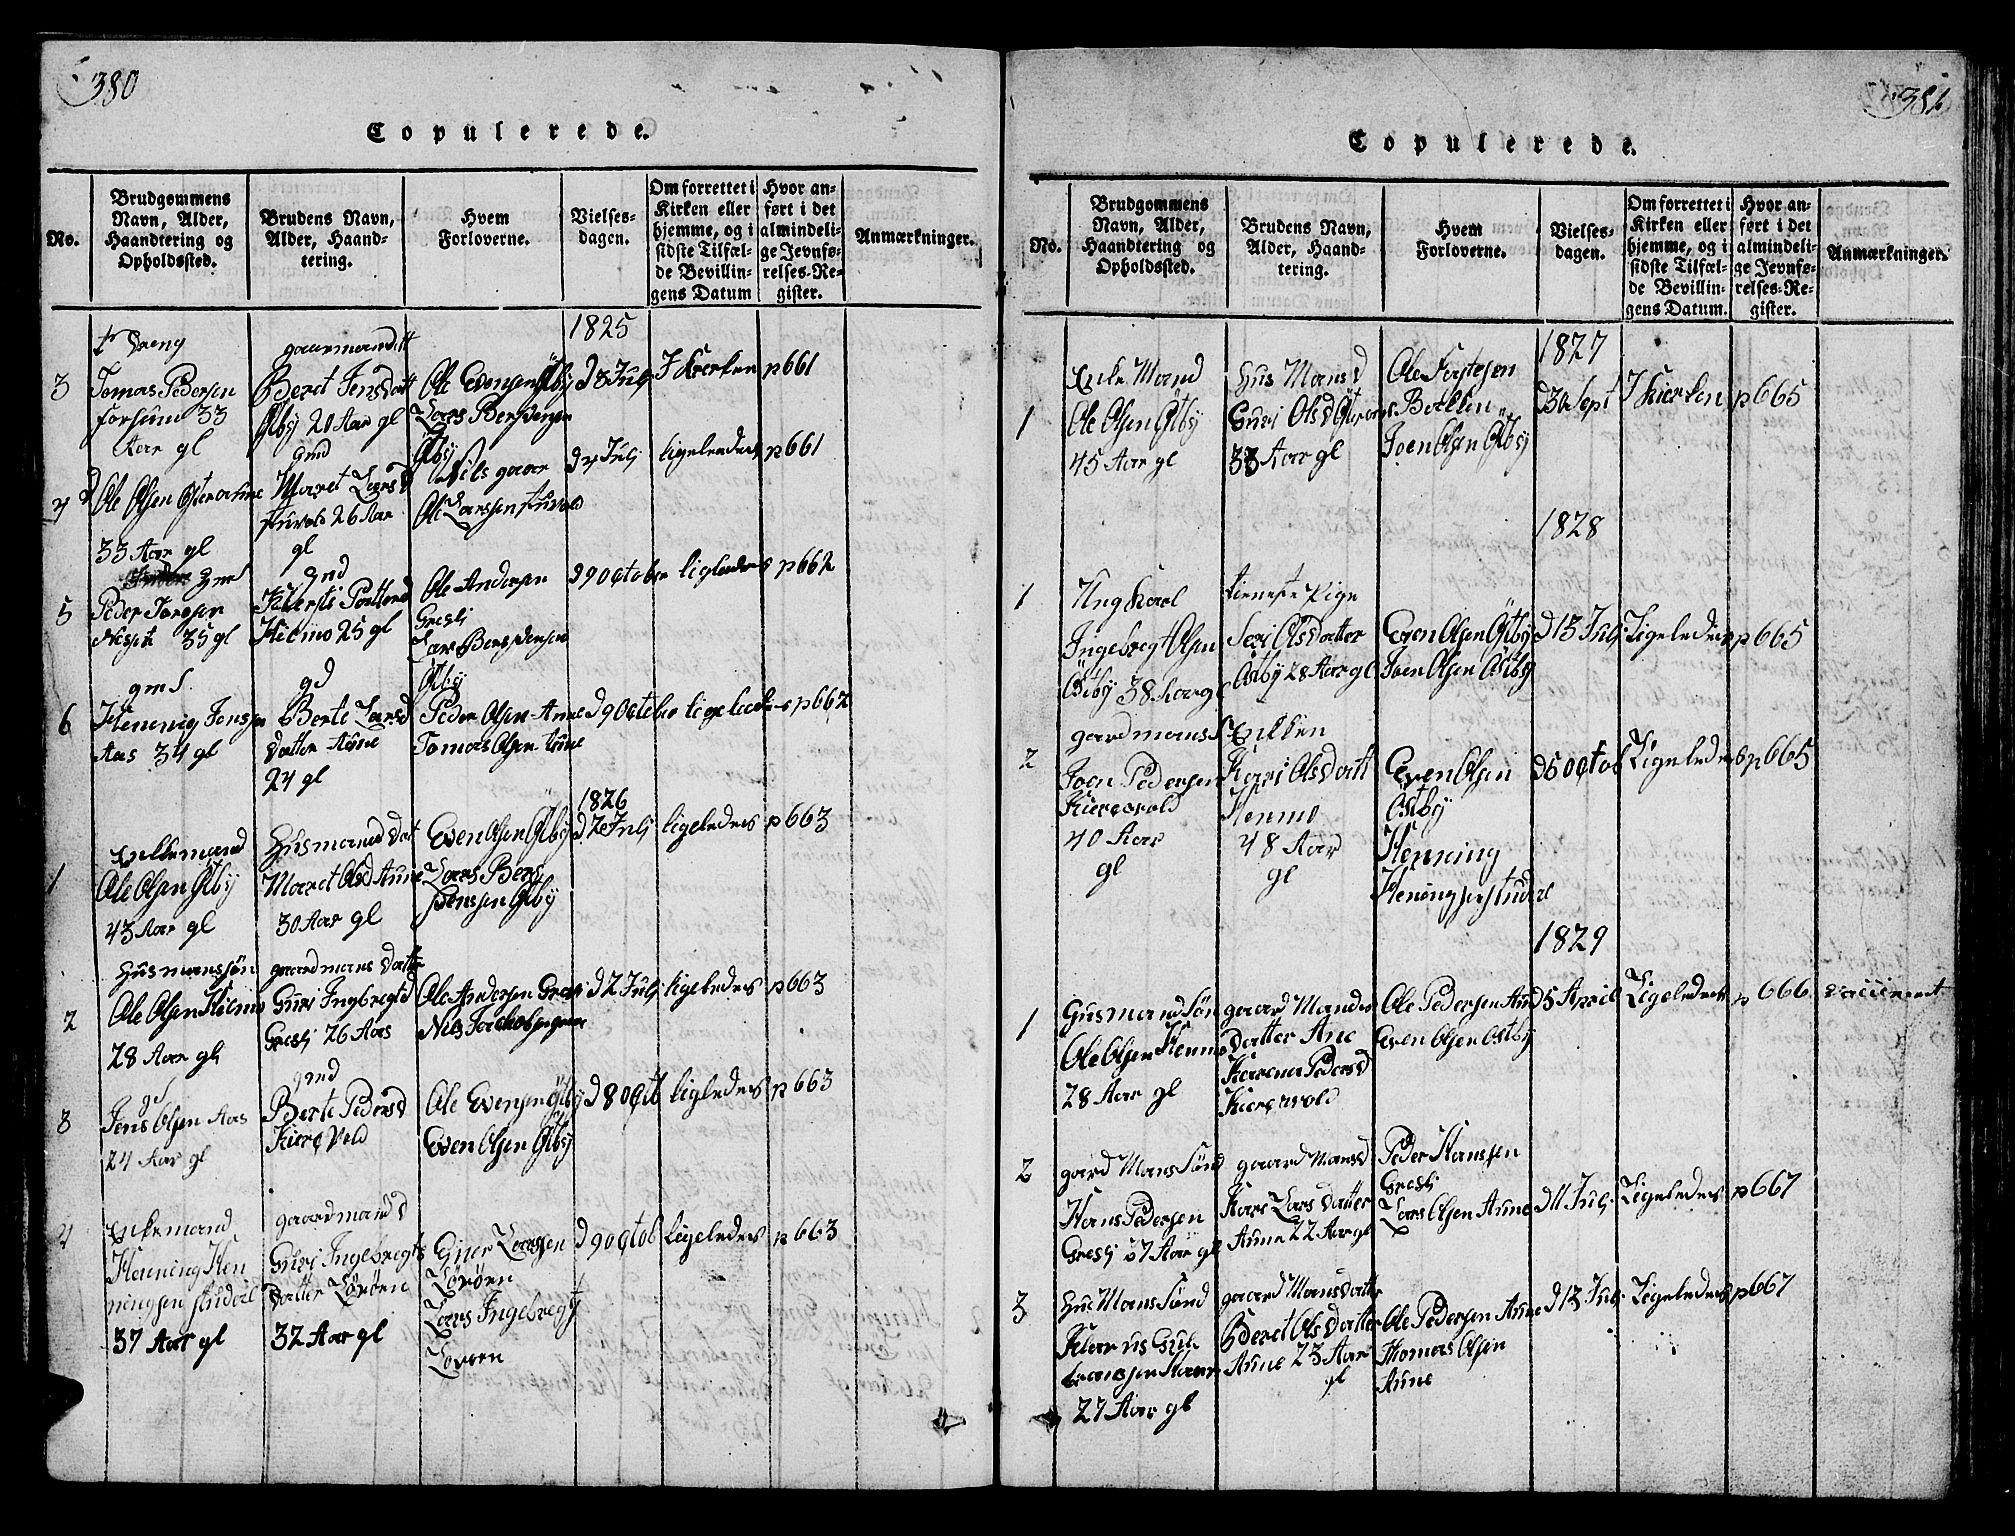 SAT, Ministerialprotokoller, klokkerbøker og fødselsregistre - Sør-Trøndelag, 698/L1164: Klokkerbok nr. 698C01, 1816-1861, s. 380-381